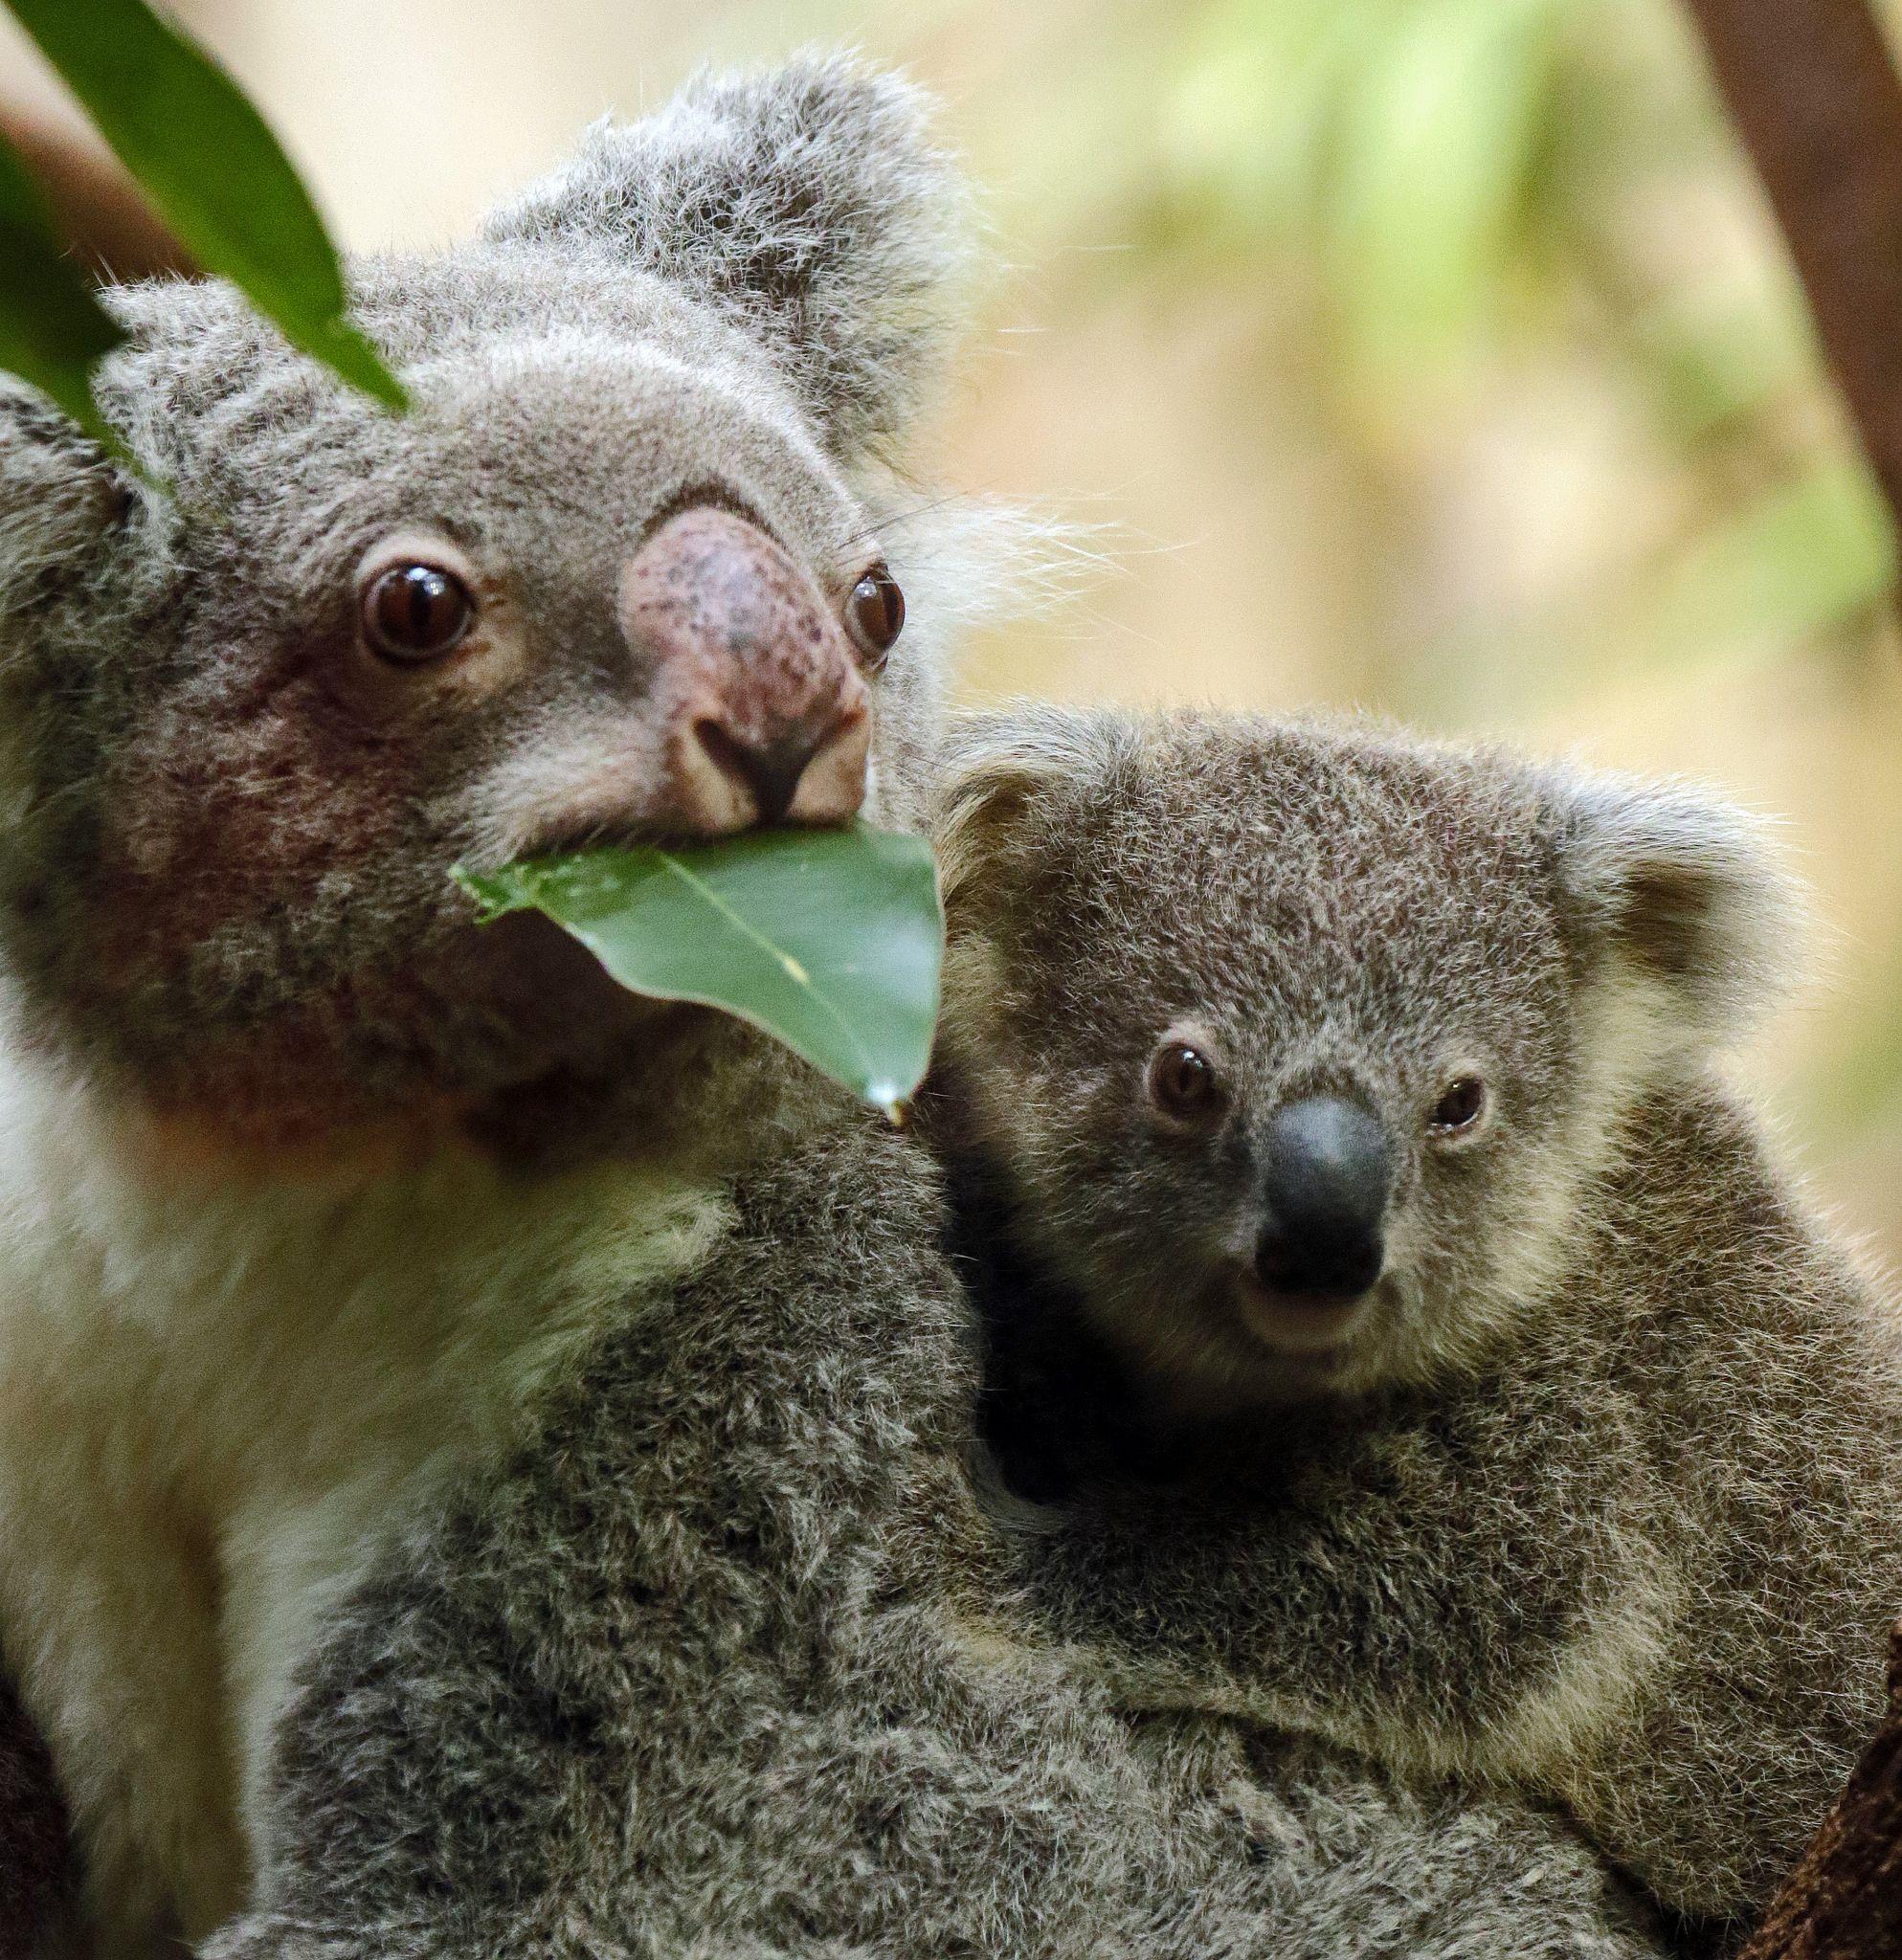 очень австралийские животные фото с названиями скорость характер очередной